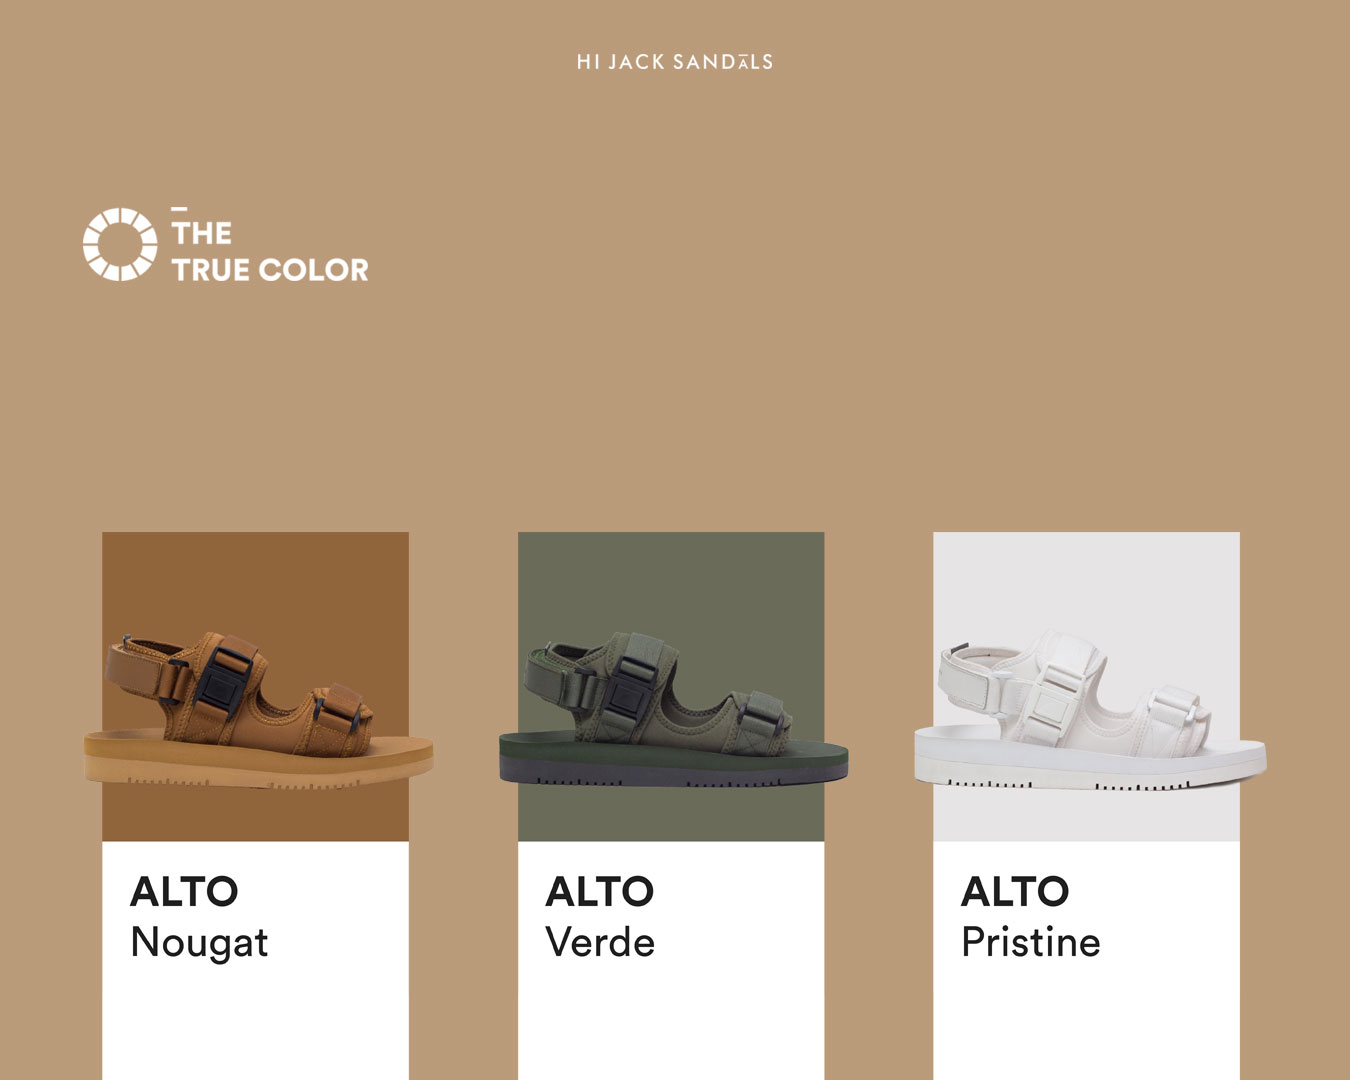 The True Color – ALTO